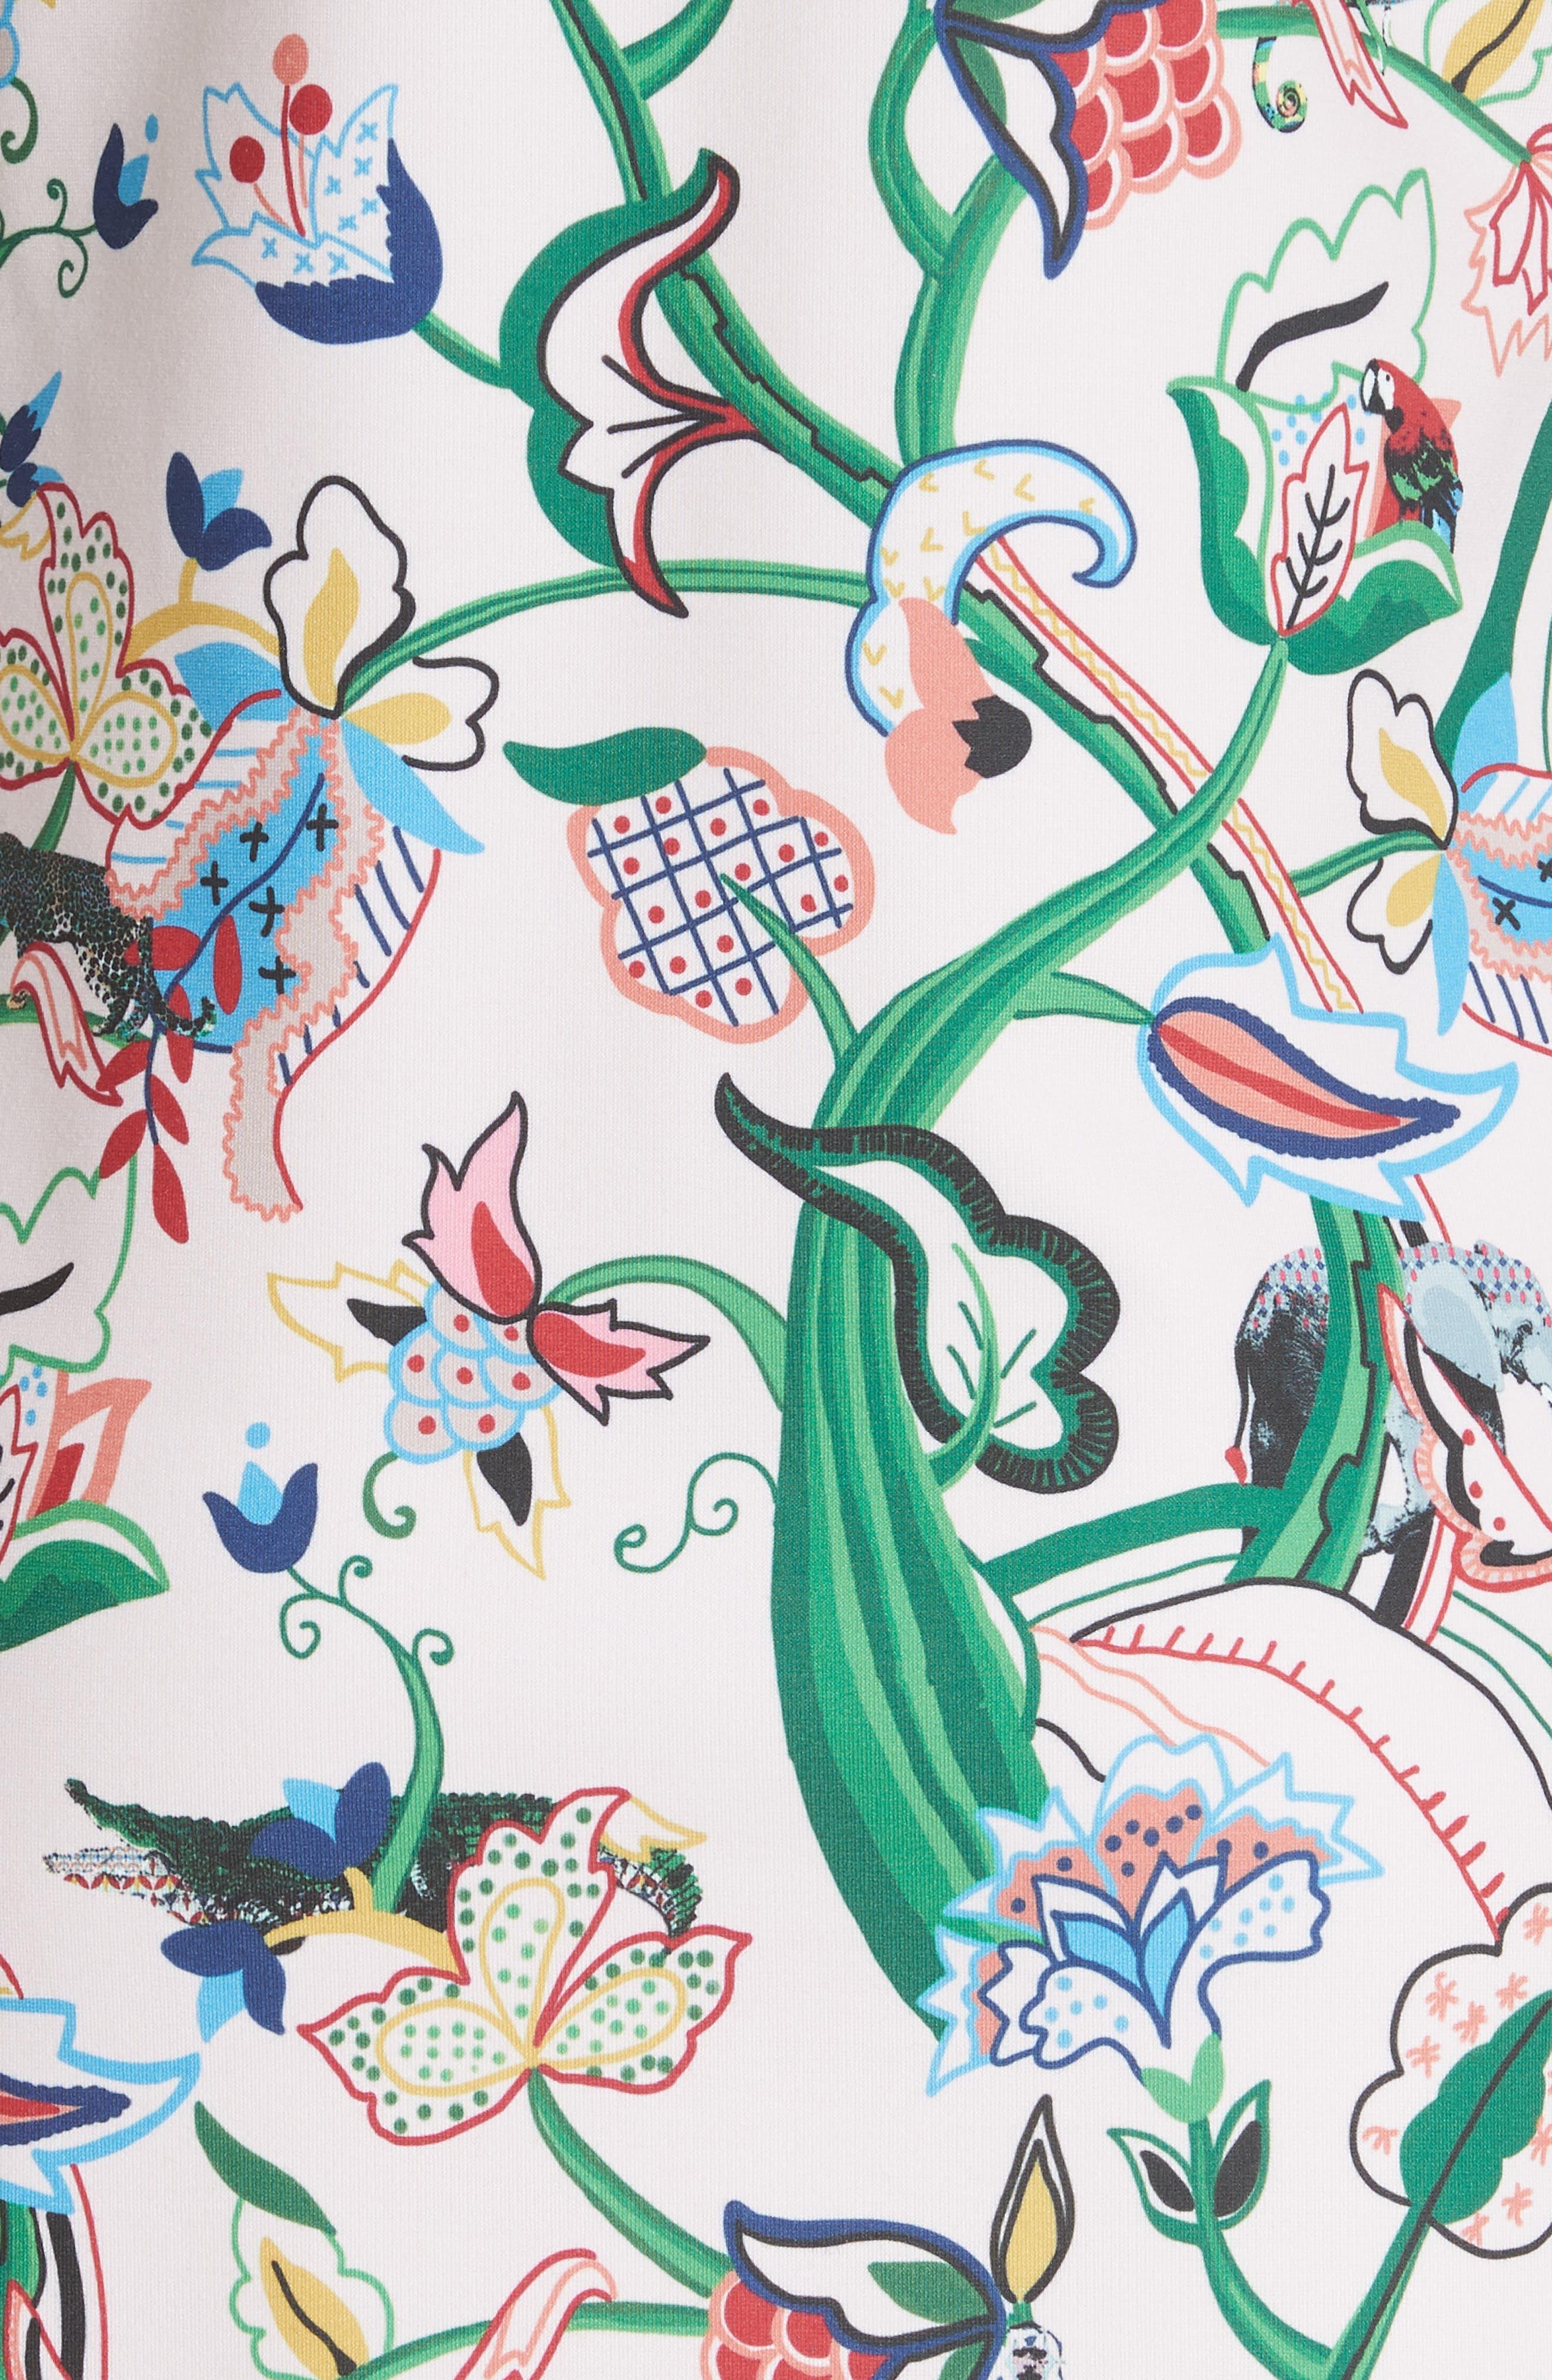 Volca Jungle Print Shift Dress,                             Alternate thumbnail 5, color,                             652